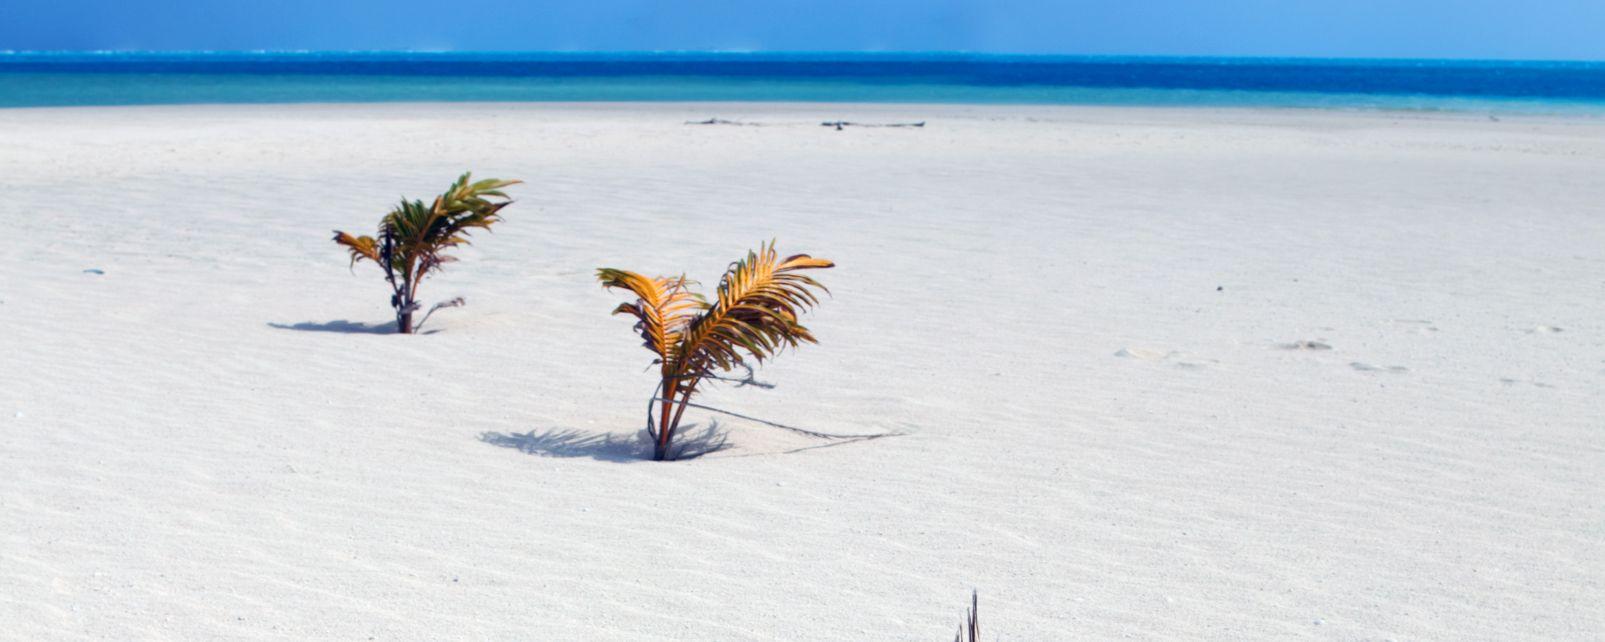 Les côtes, atiu, cook, cook islands, pacifique, plage